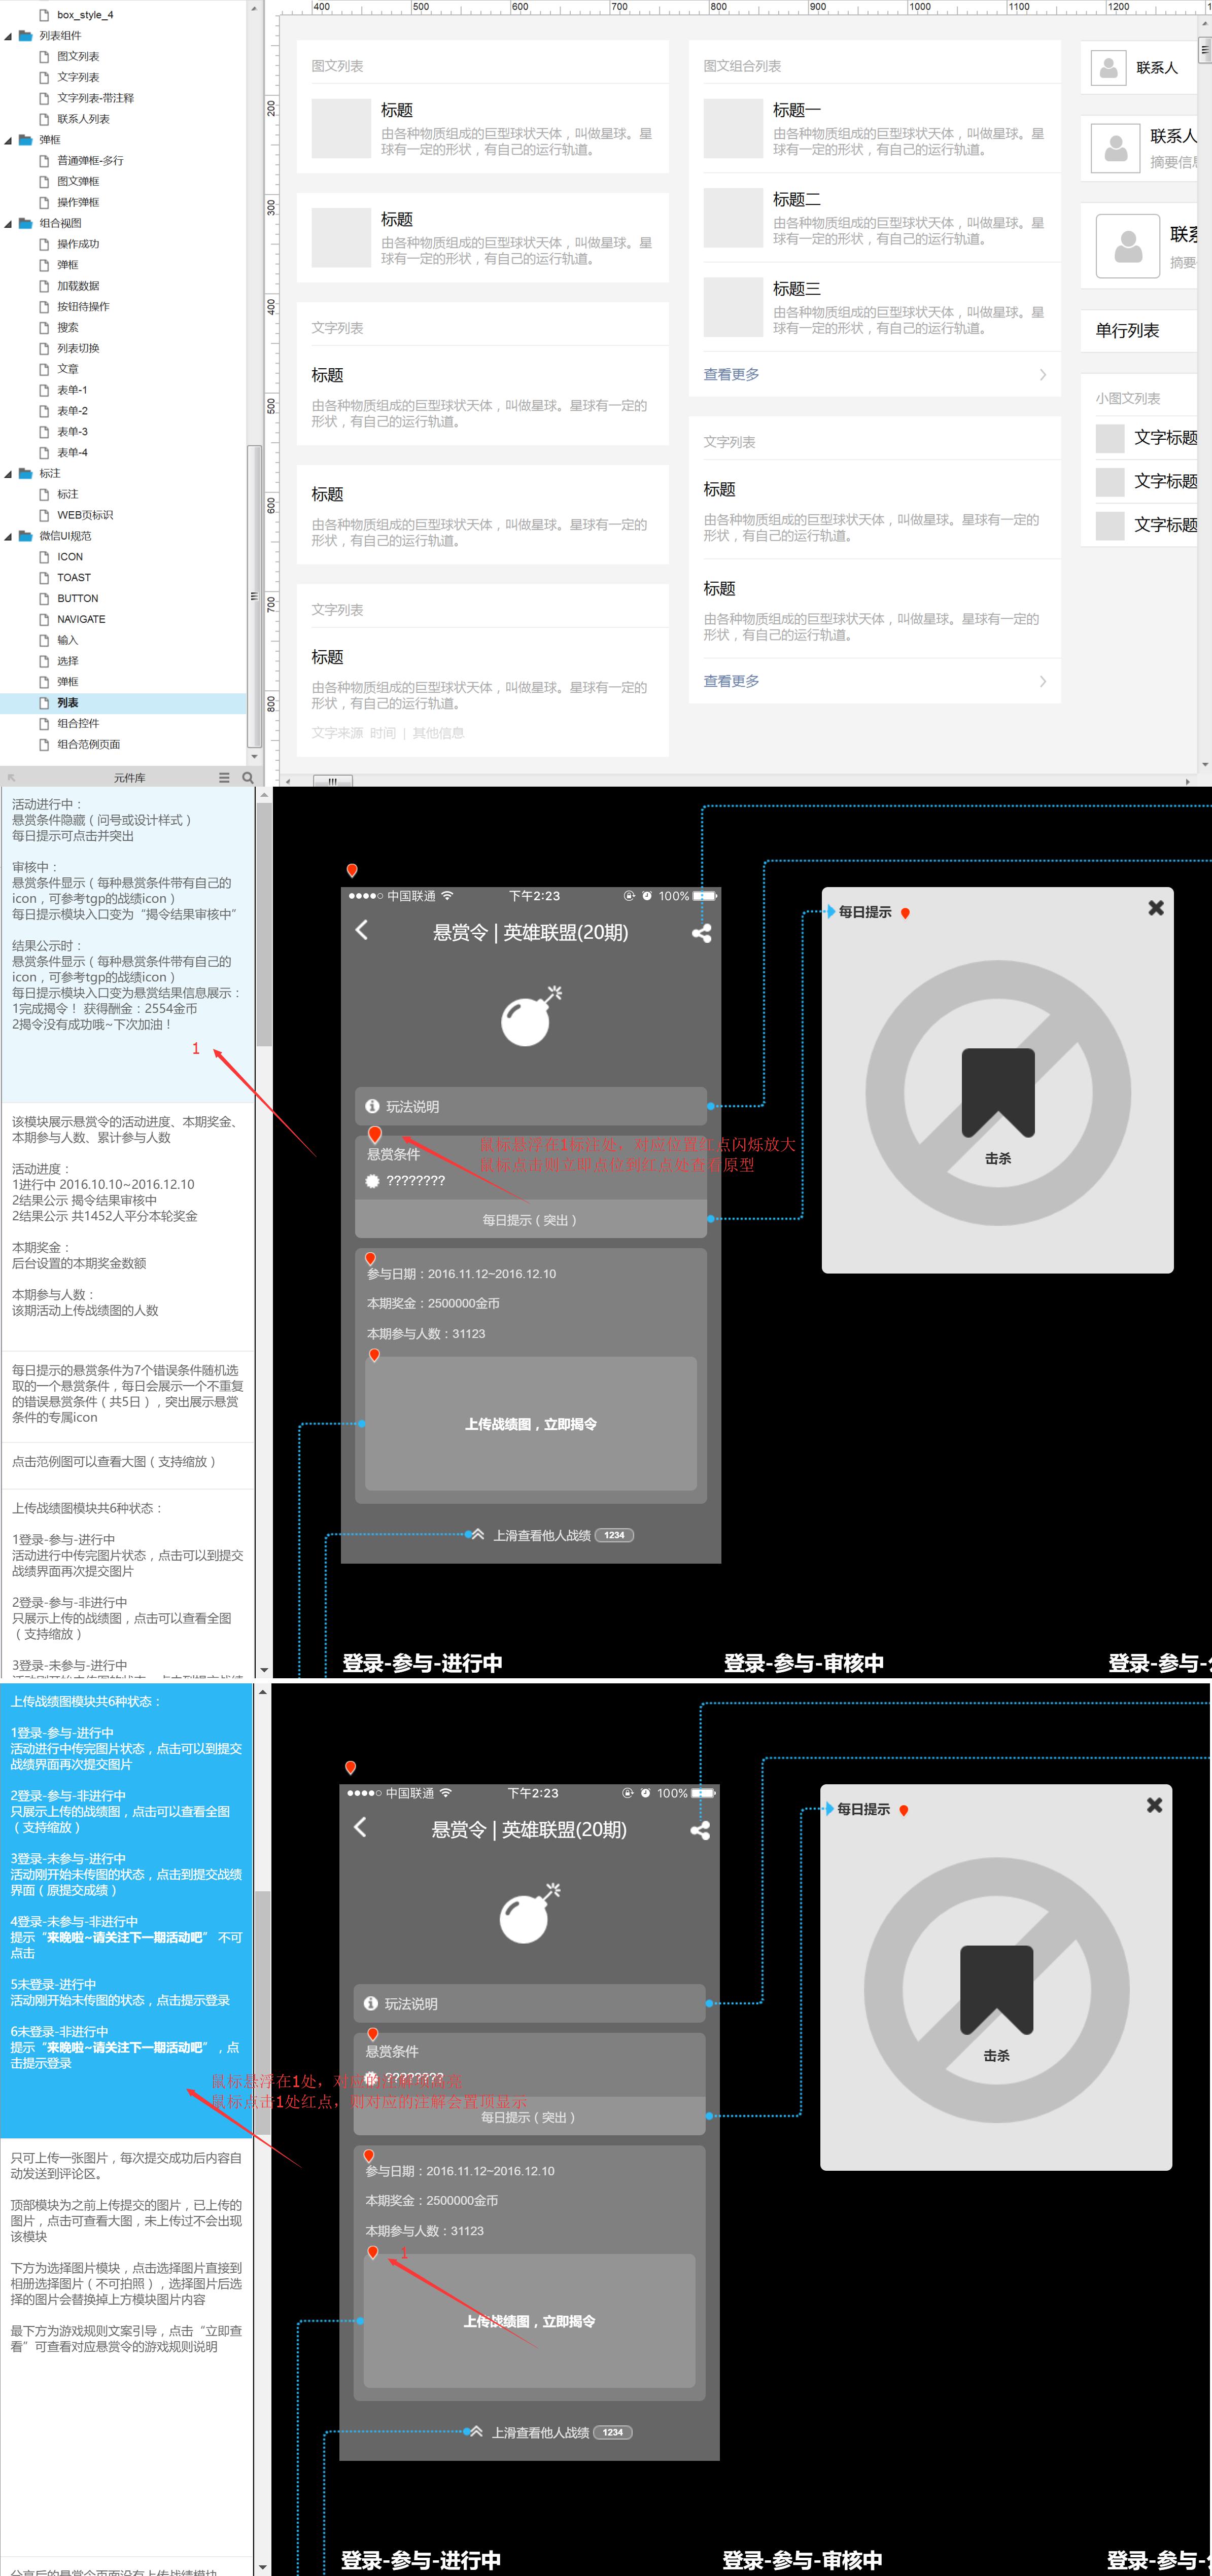 (实用向)APP原生+微信控件组合通用组件